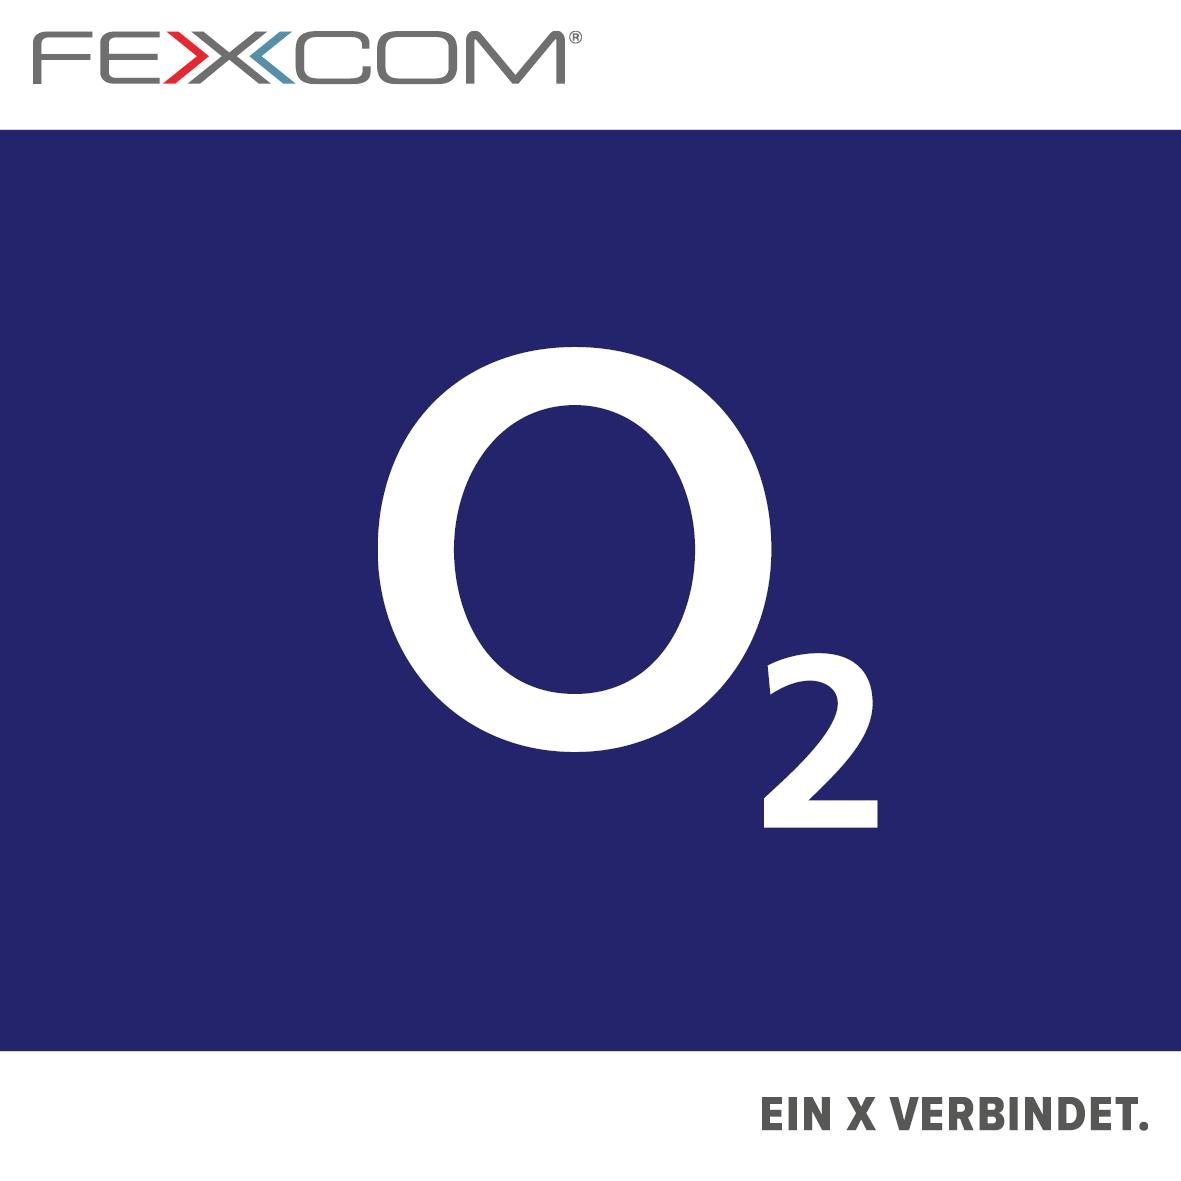 O2 Quality Partner FEXCOM Berlin